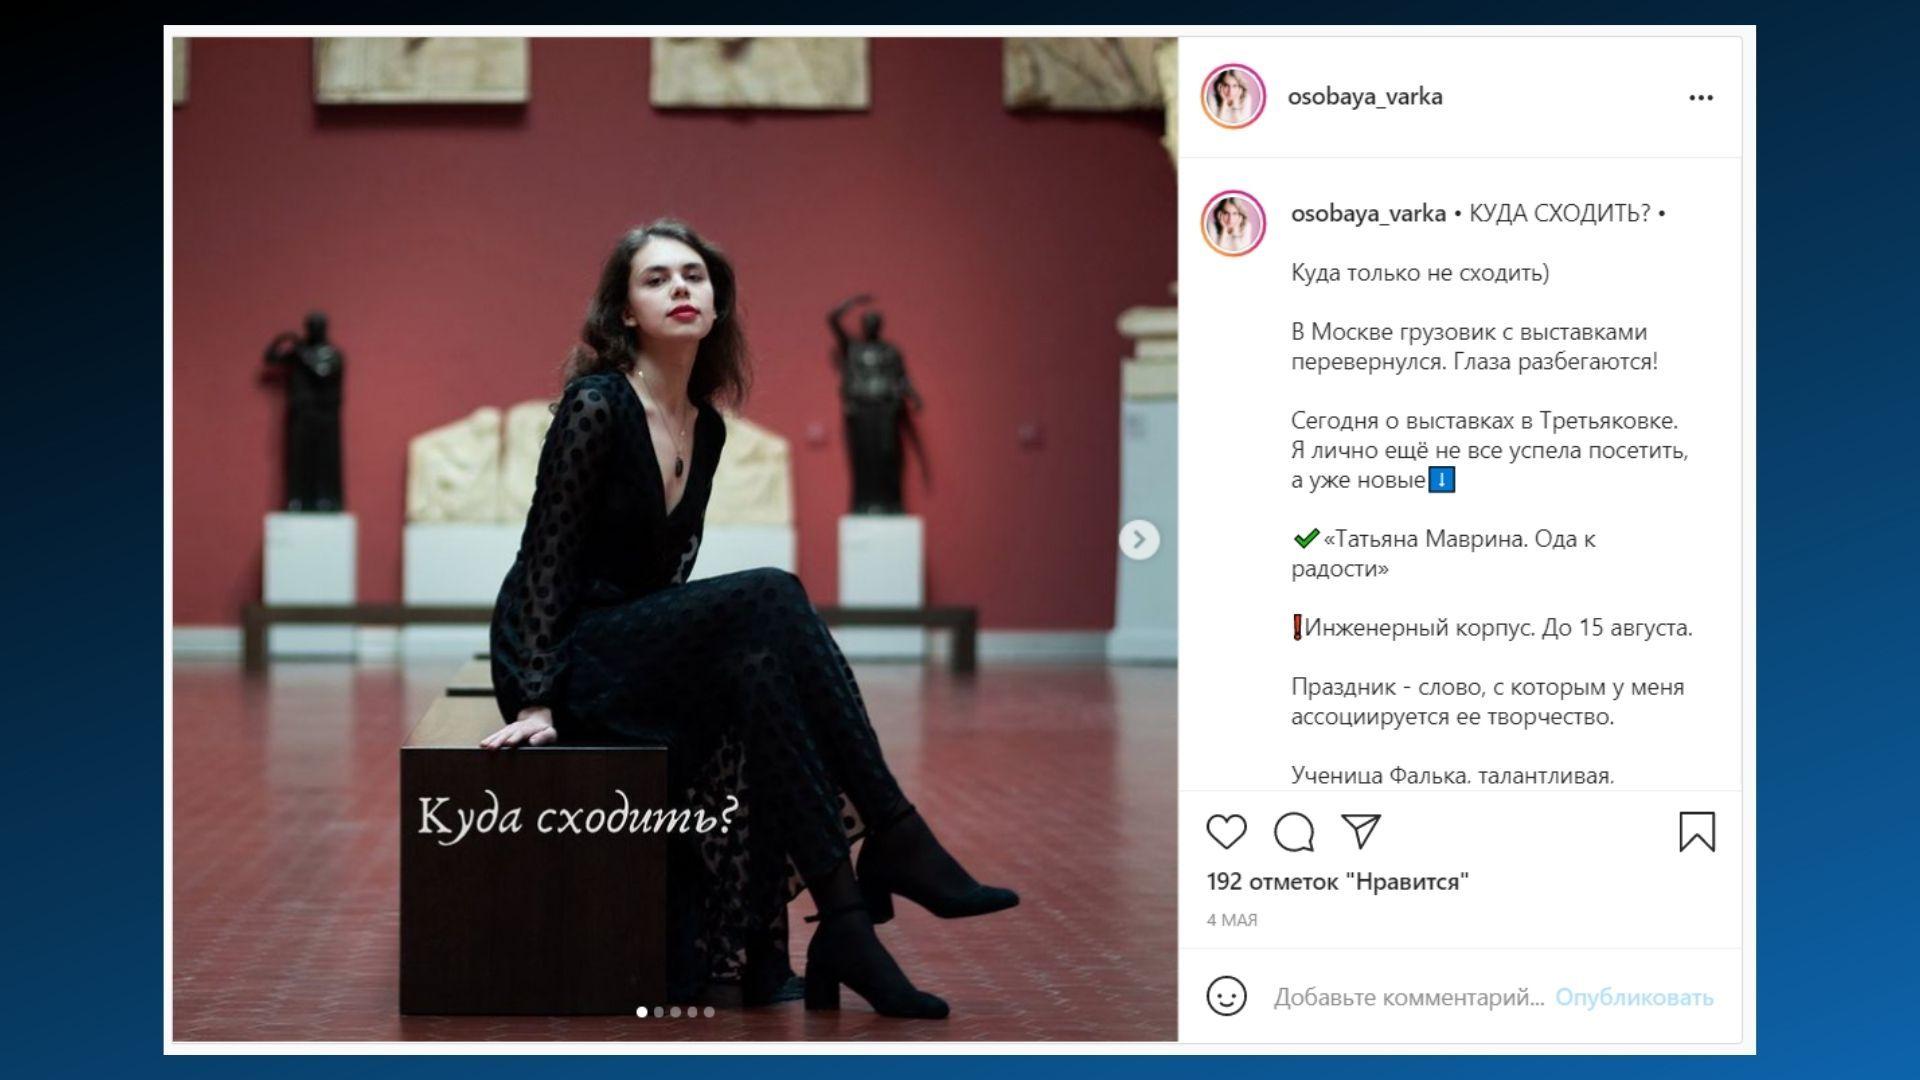 Гид по выставкам может стать регулярной рубрикой и показать экспертность автора (osobaya_varka)